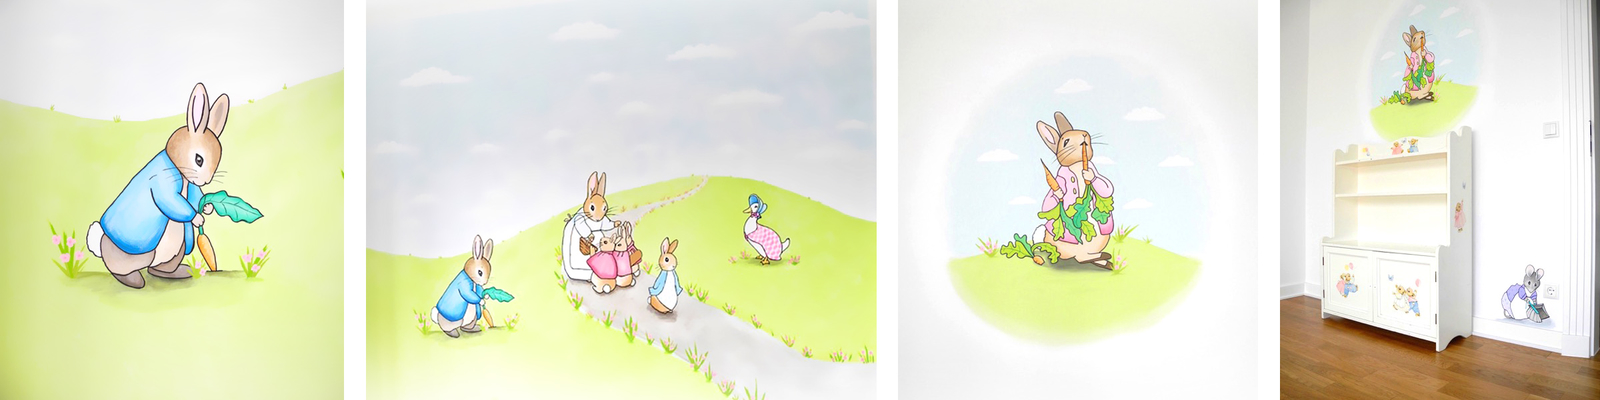 Babyzimmer Wandmalerei Mit Figuren Aus U201ePeter Rabbitu201c Von Beatrix Potter